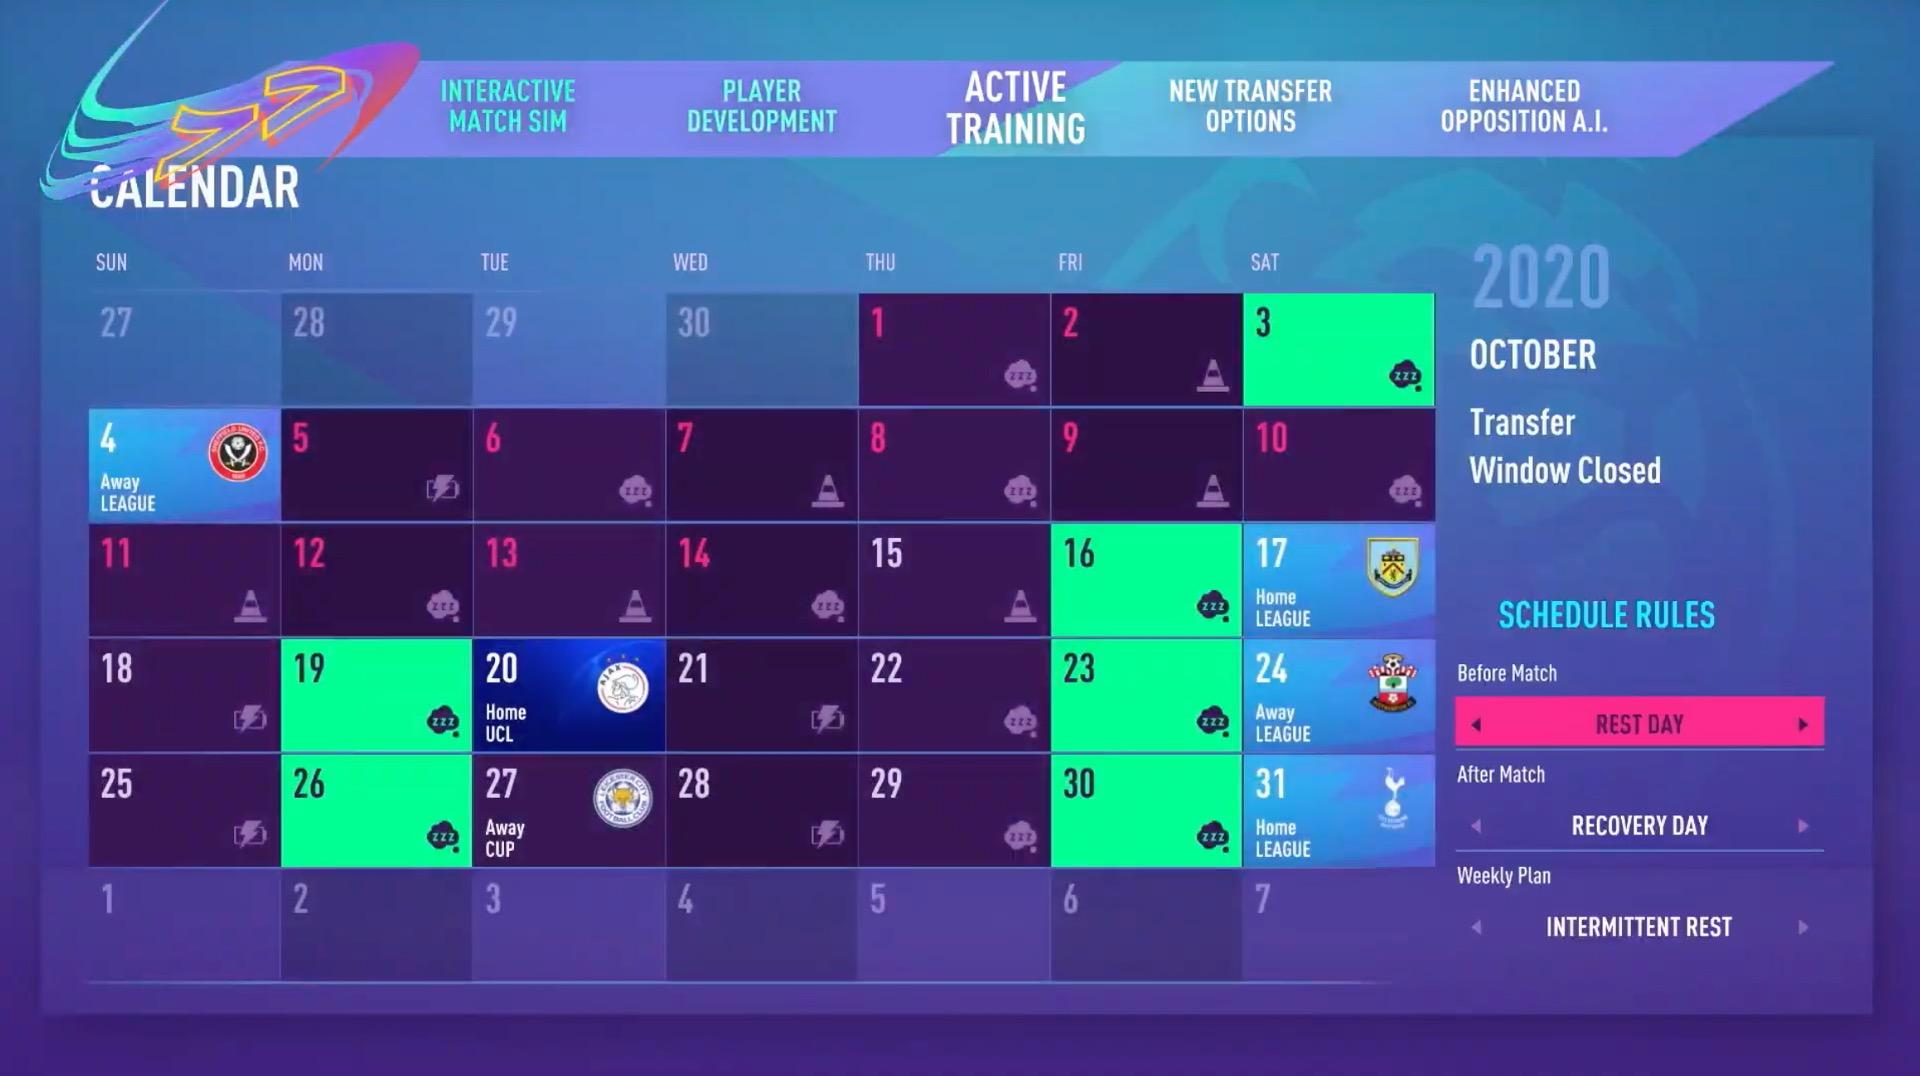 FIFA 21 Career mode schedule